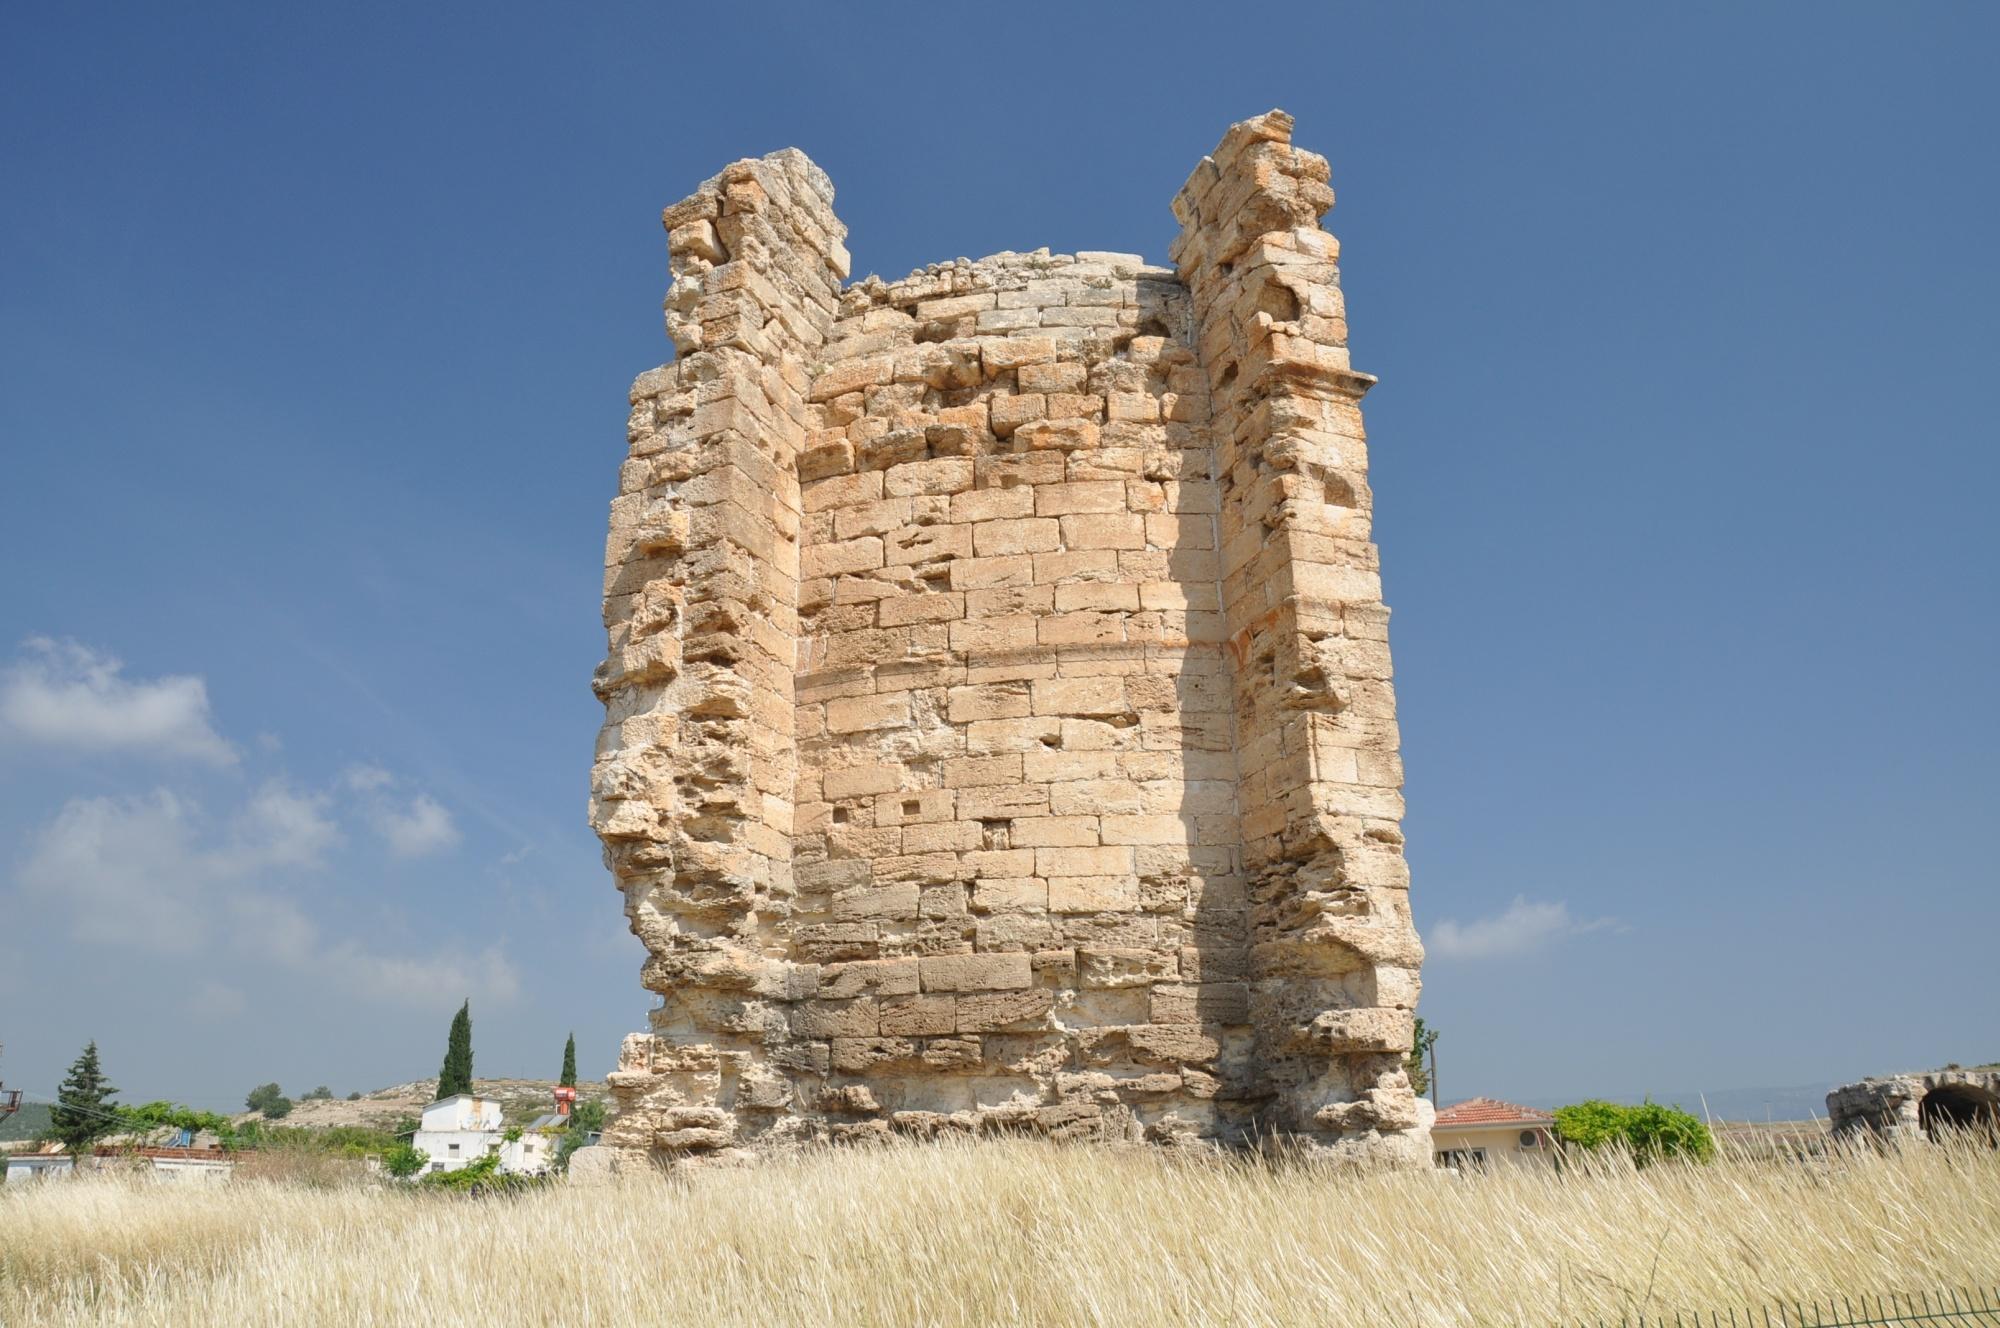 Kościół świętej Tekli w Silifke - bazylika wzniesiona przez Zenona Izauryjczyka